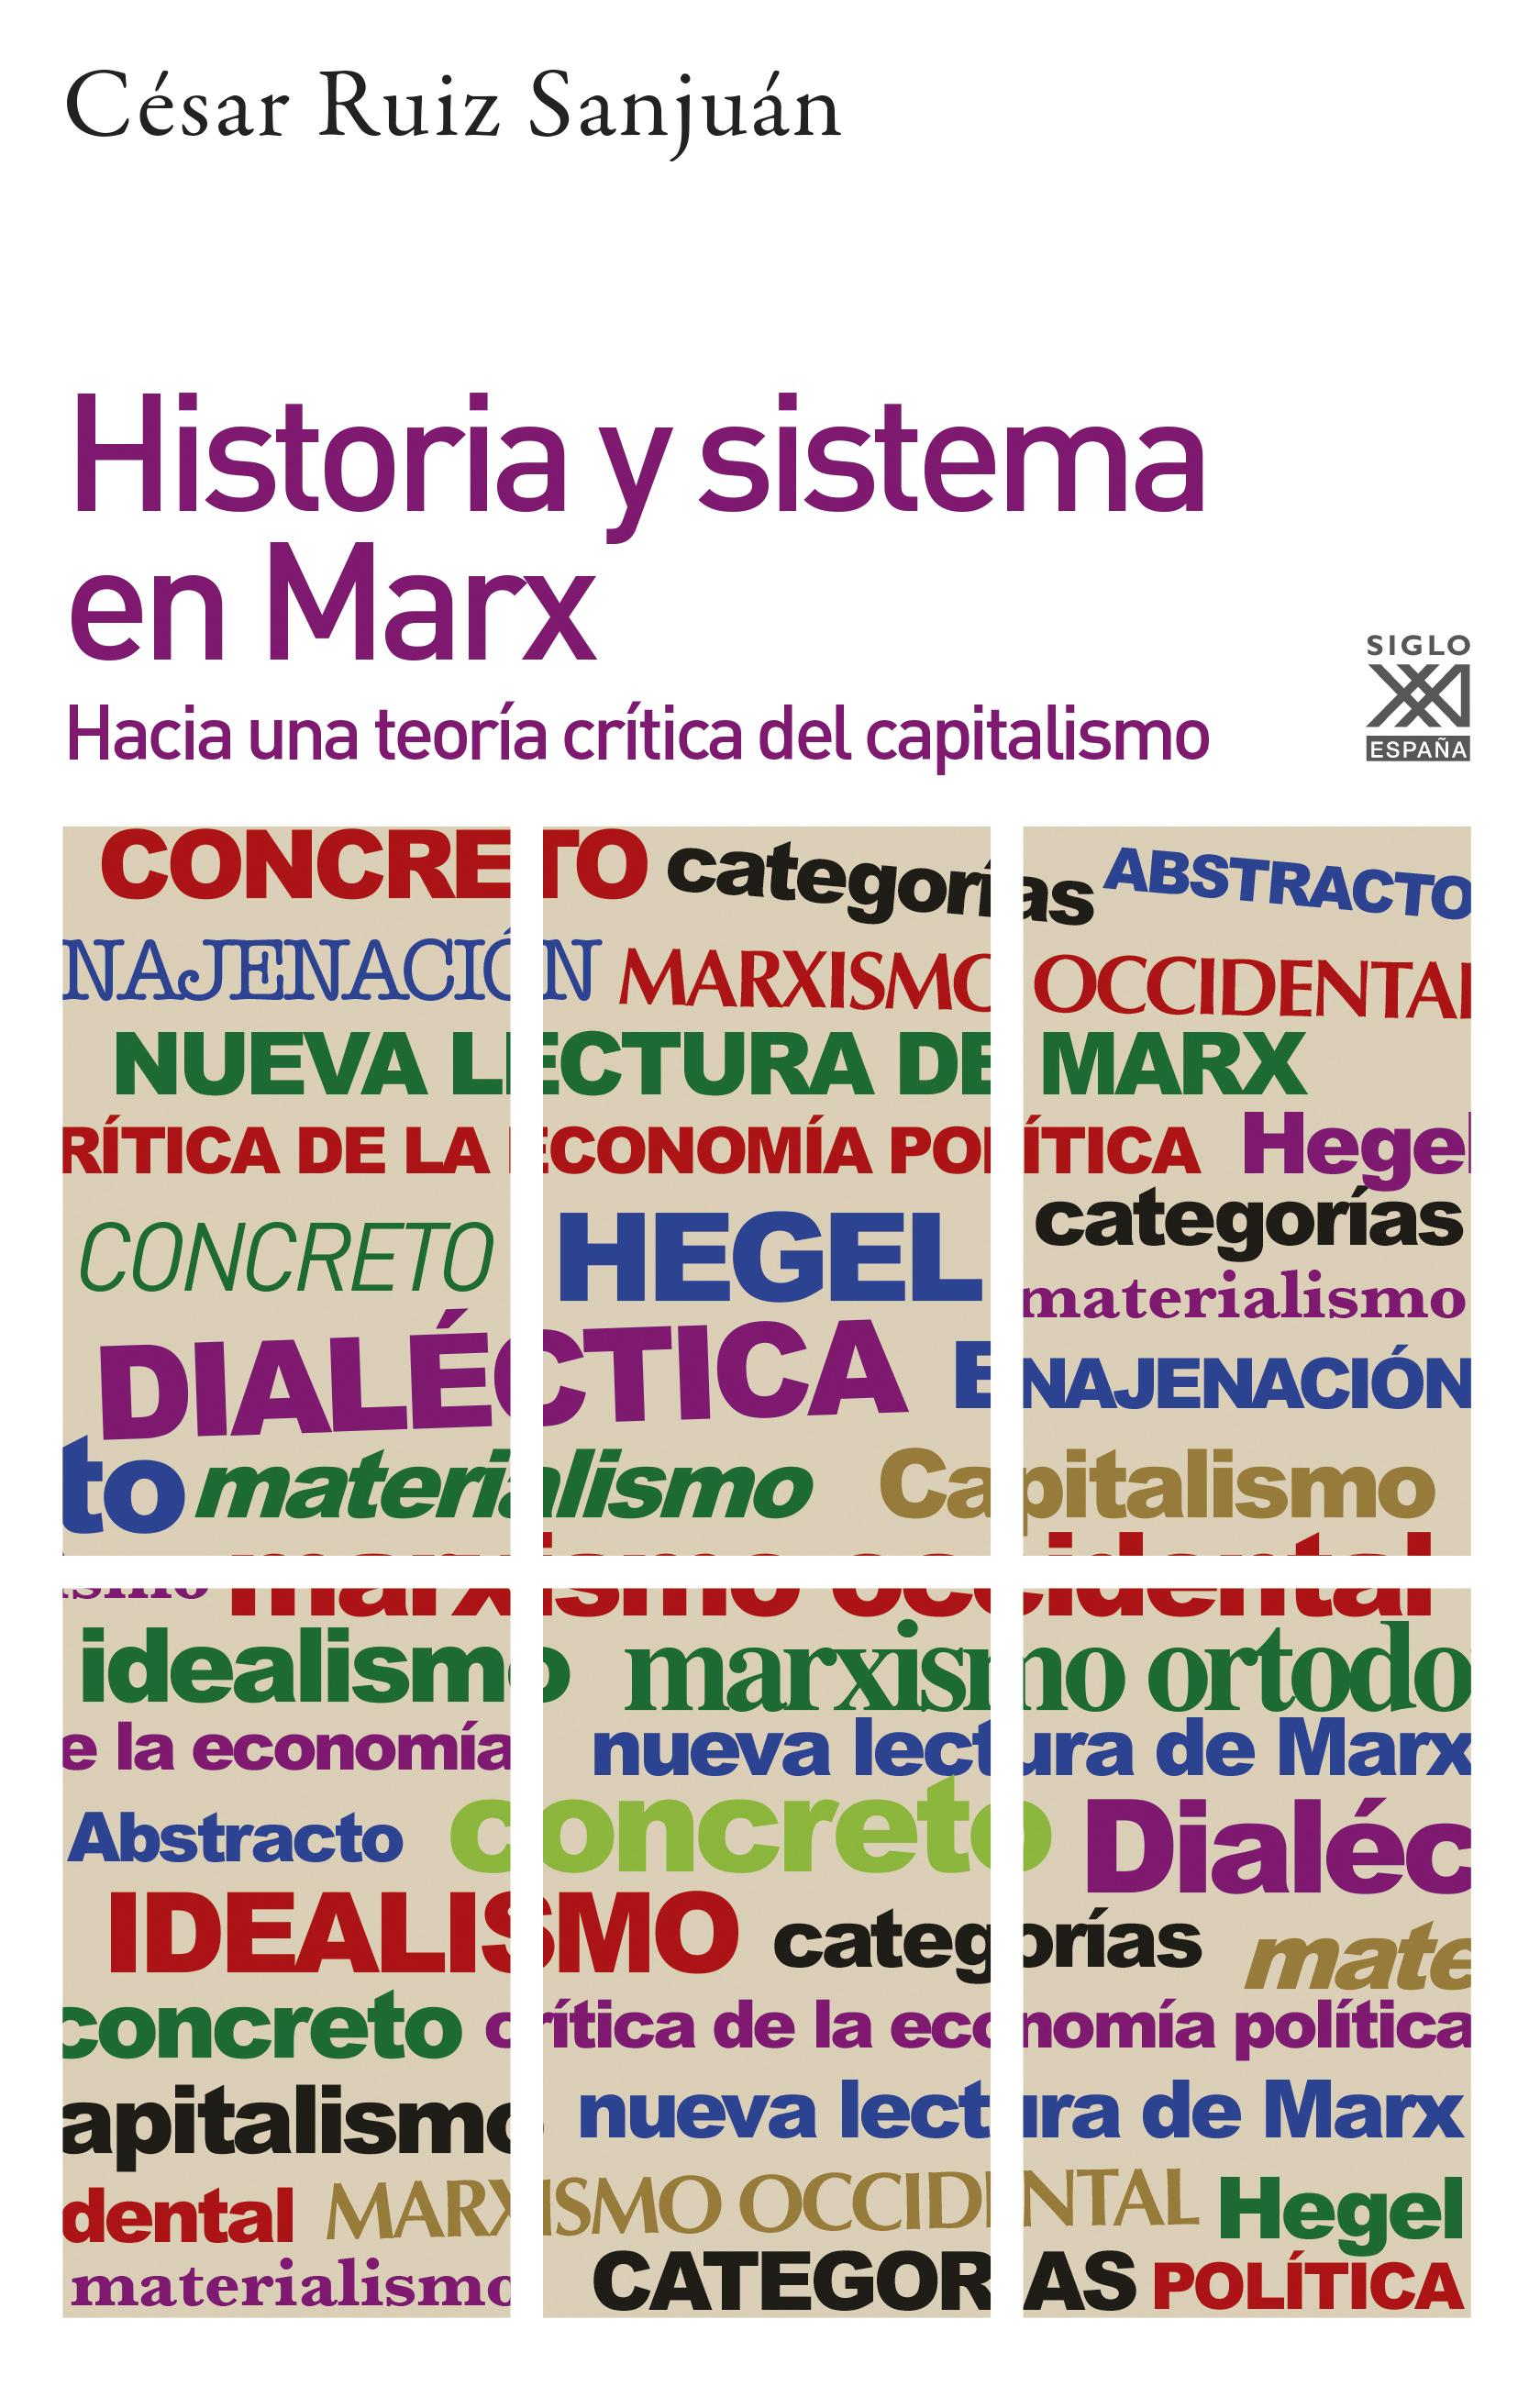 Historia y sistema en Marx: hacia una teoría crítica del capitalismo,de César Ruiz Sanjuán